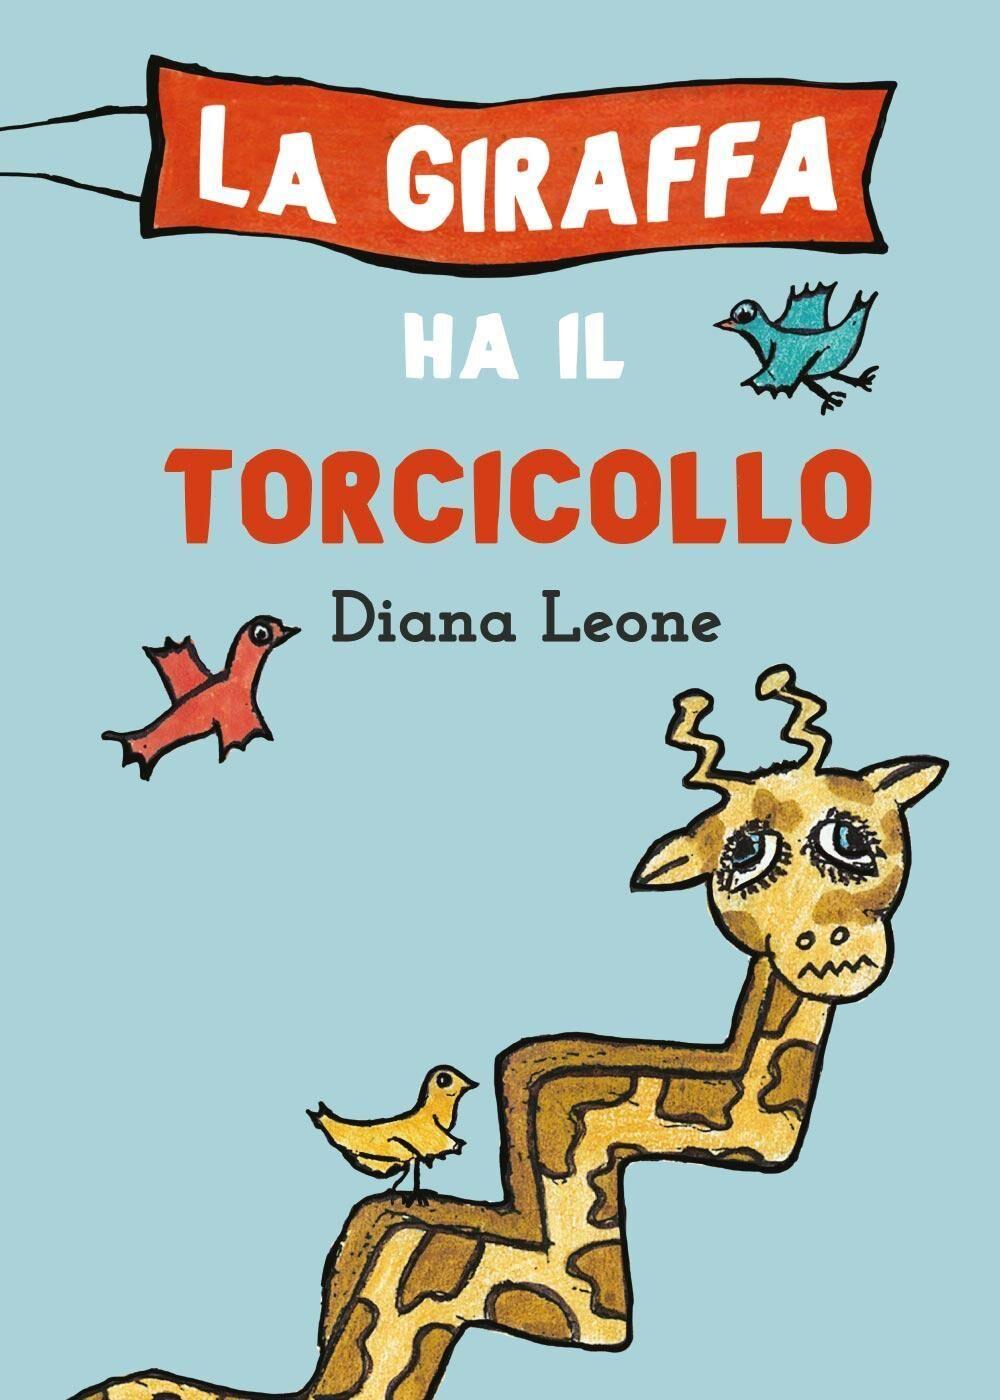 La giraffa ha il torcicollo